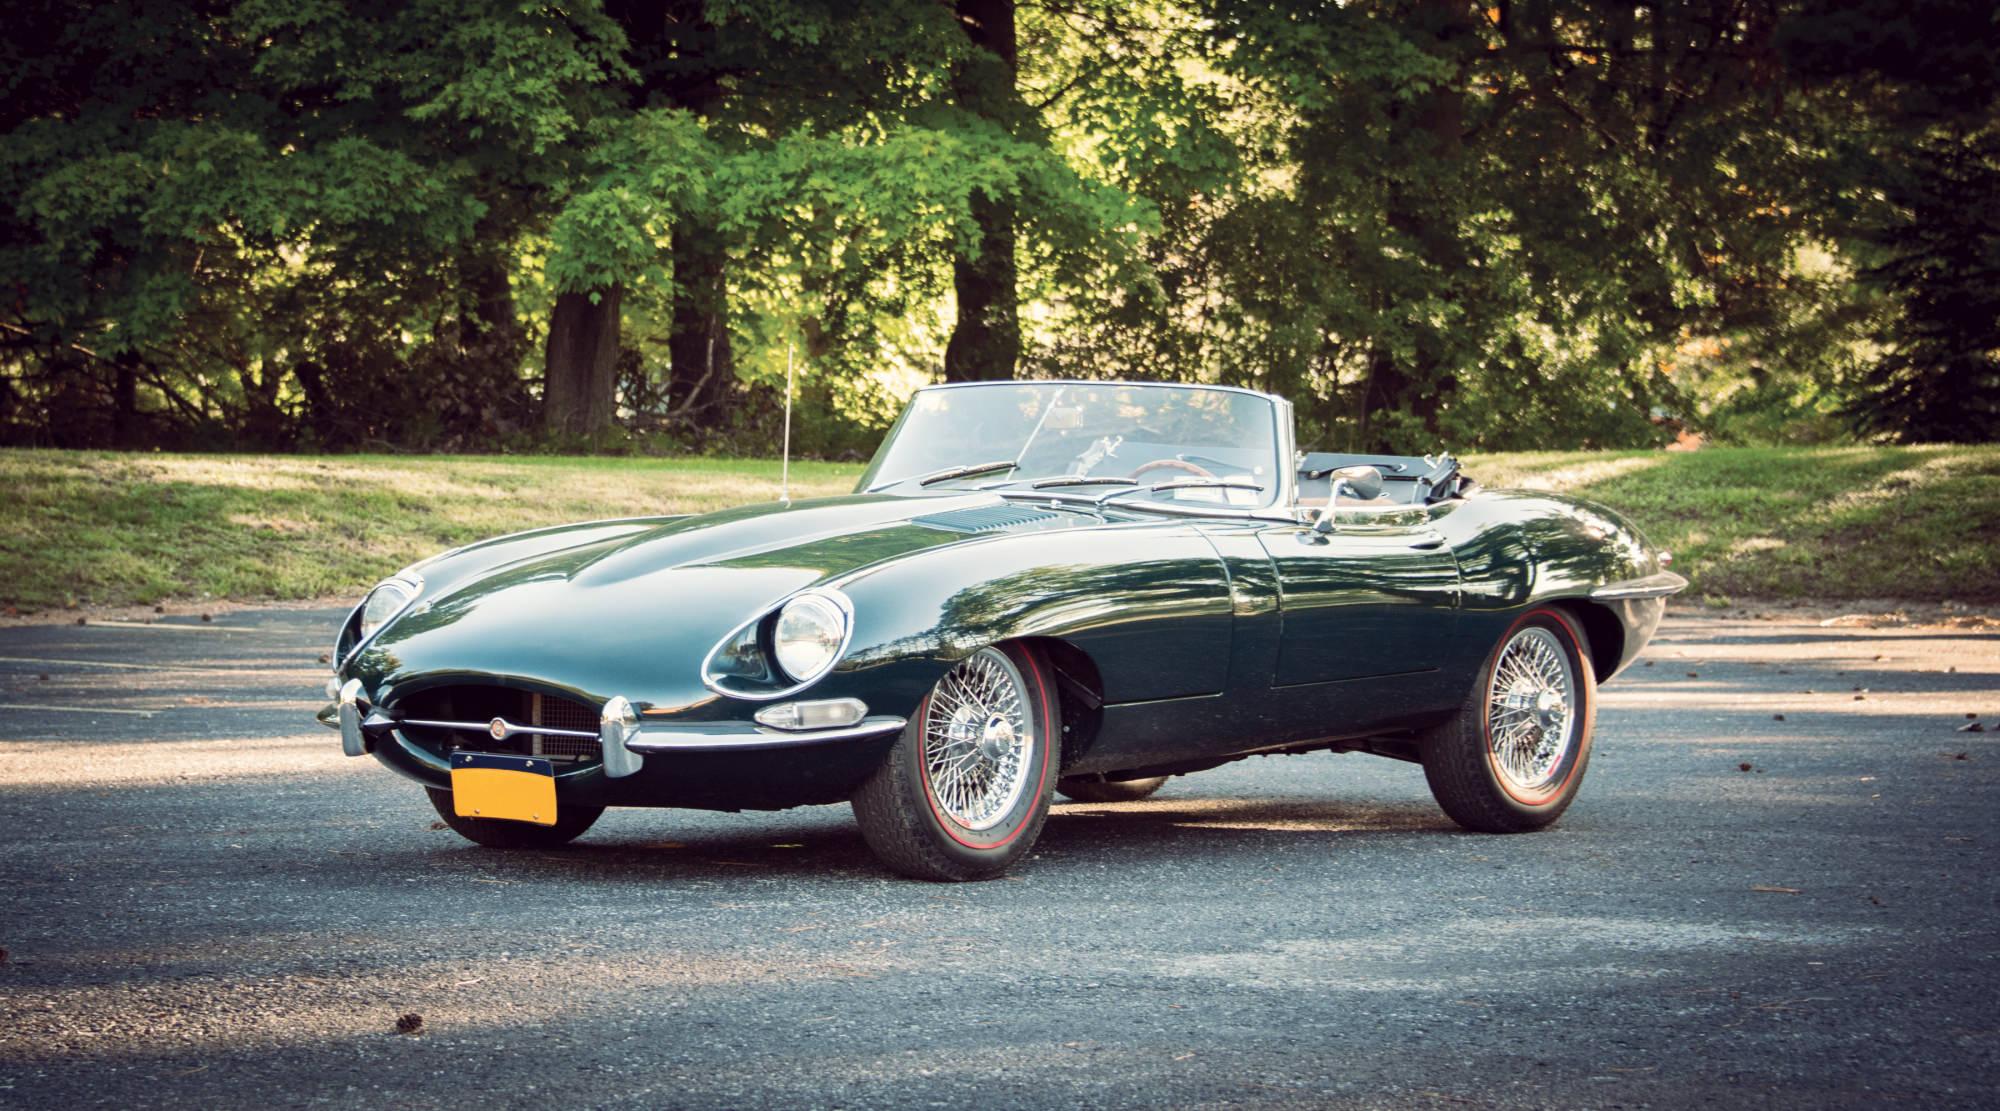 jaguar e type series 1 roadster. Black Bedroom Furniture Sets. Home Design Ideas